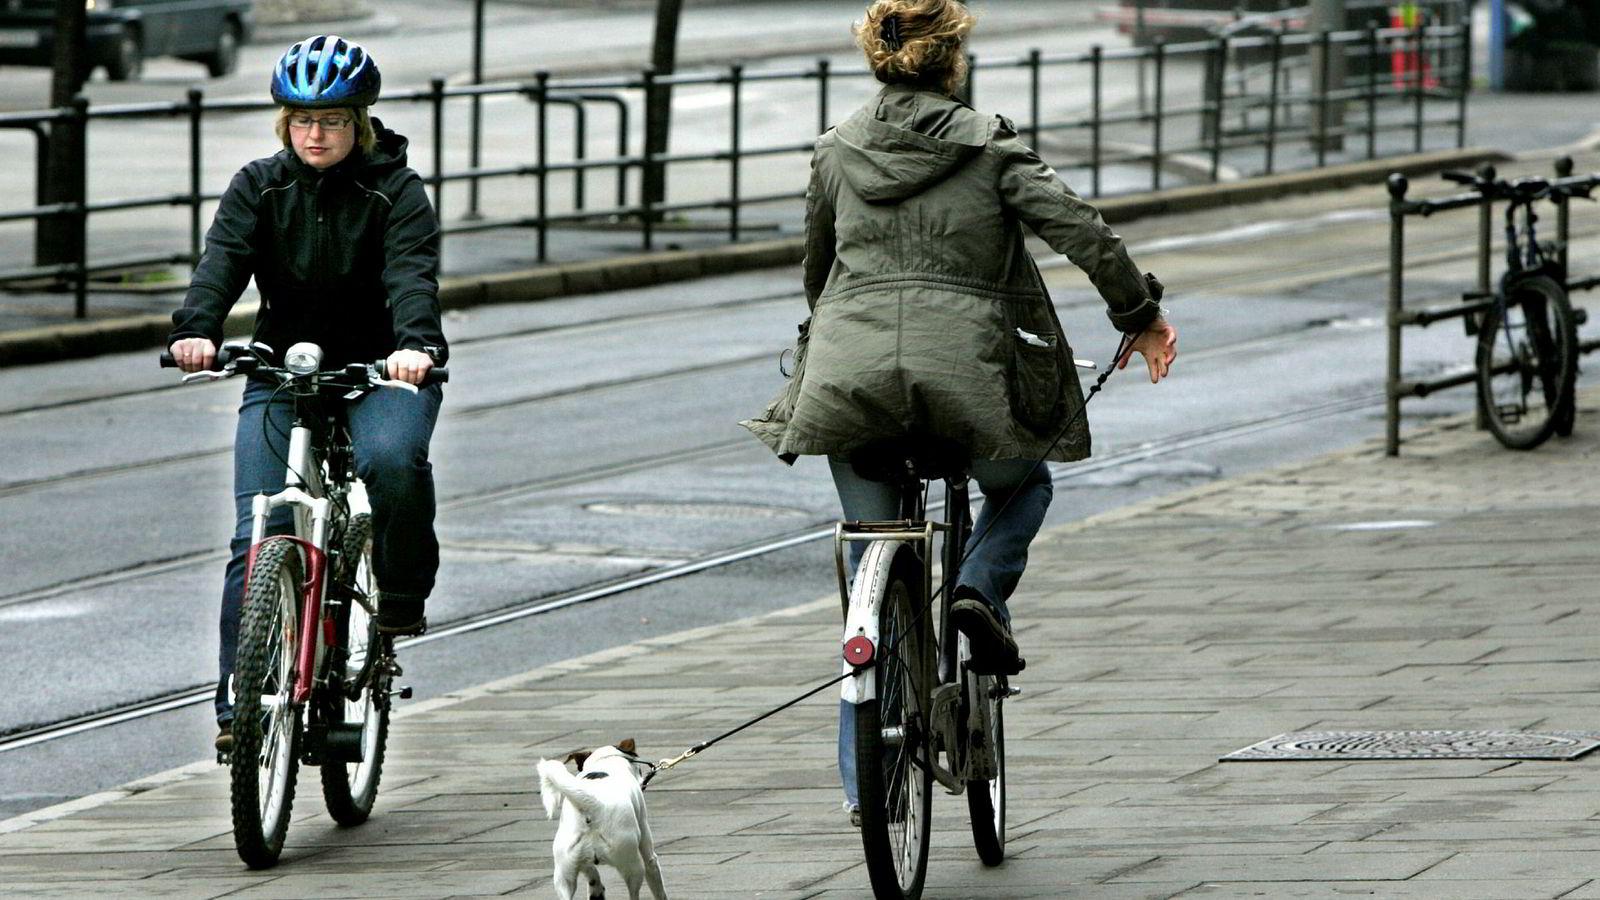 Den svenske regjeringen har satt av én milliard kroner over tre år til en nasjonal støtteordning for elsykler. «Bransjen formelig eksploderer», skriver Aftonbladet.